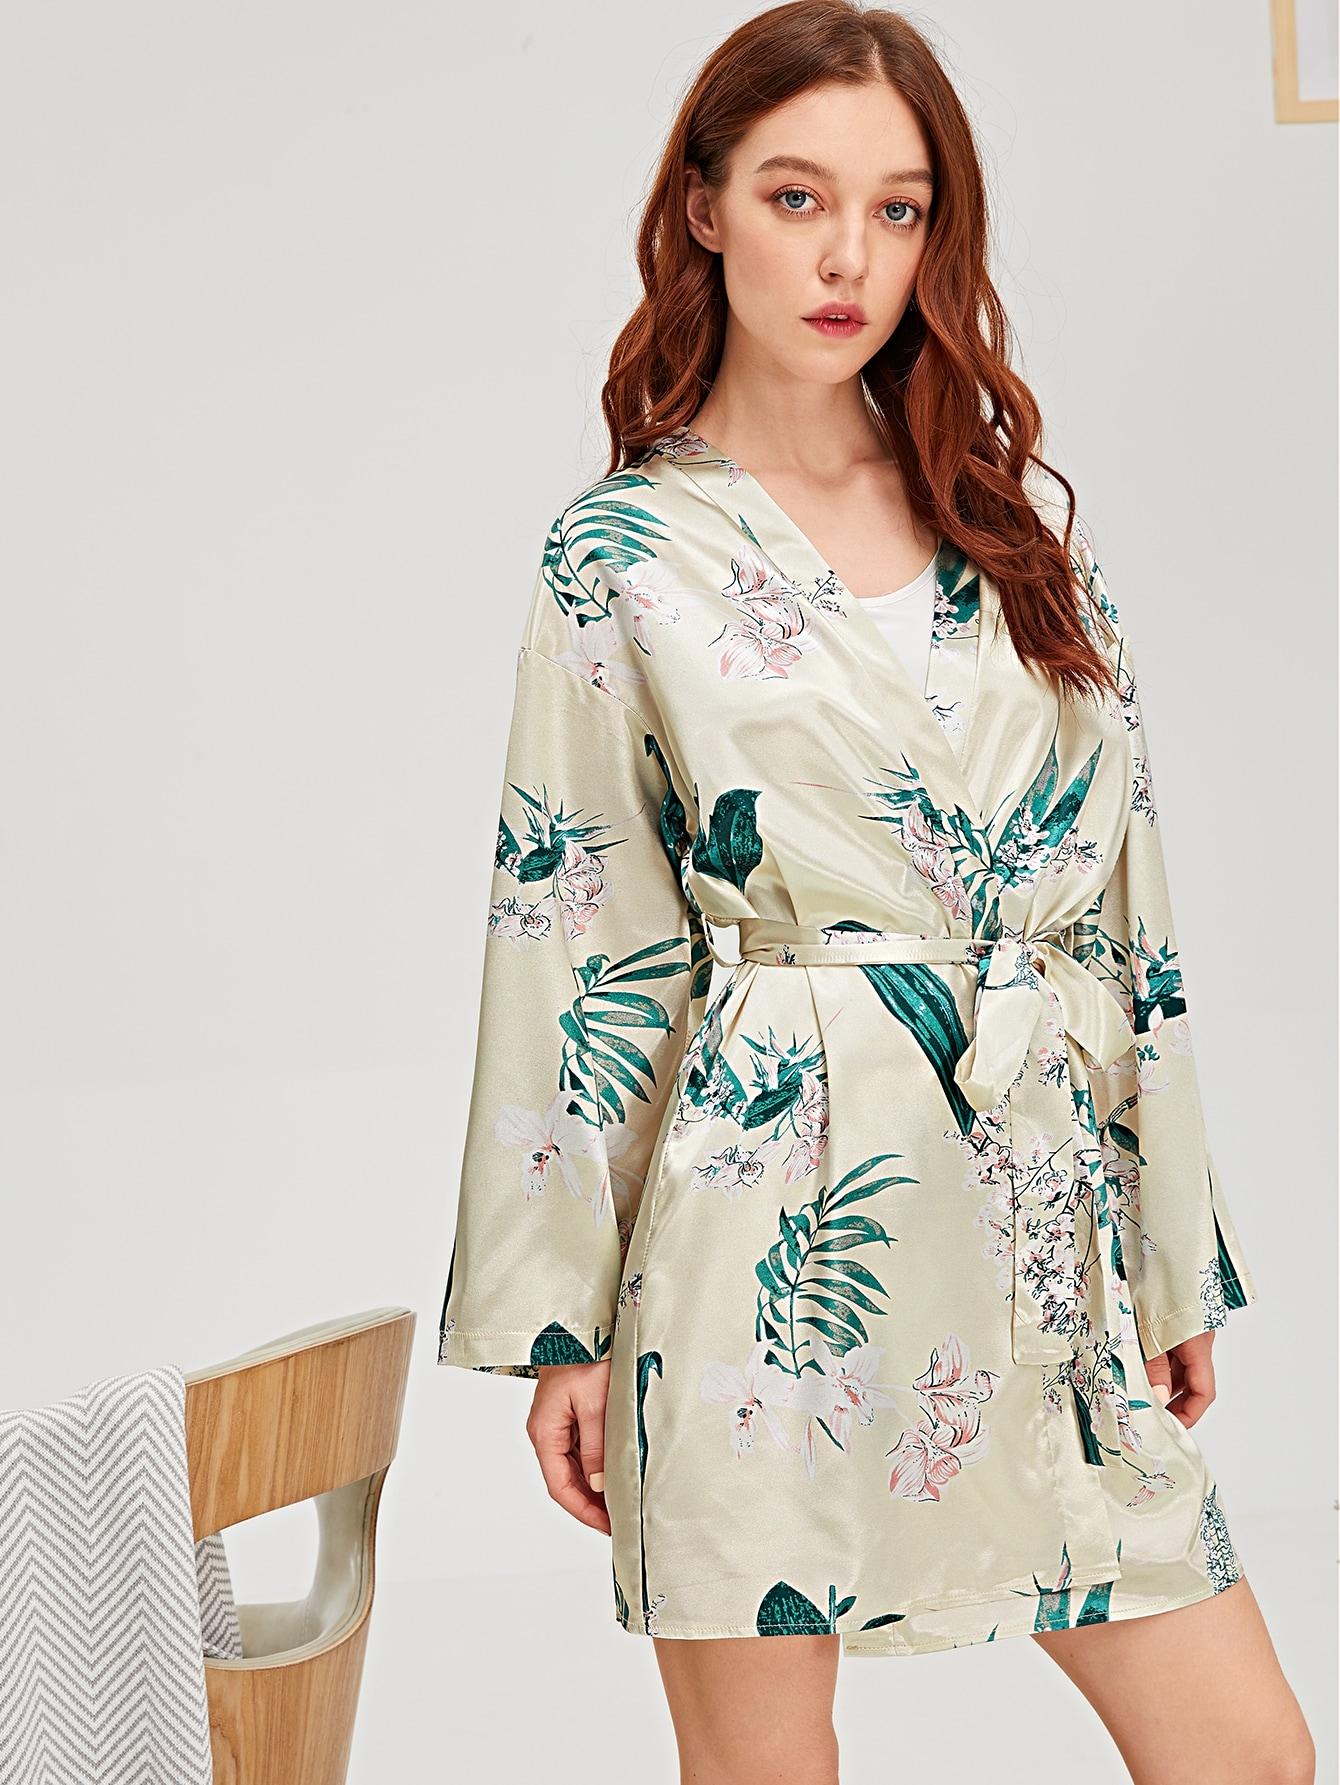 Купить Сатиновый домашний халат с поясом и графическим принтом, Poly, SheIn